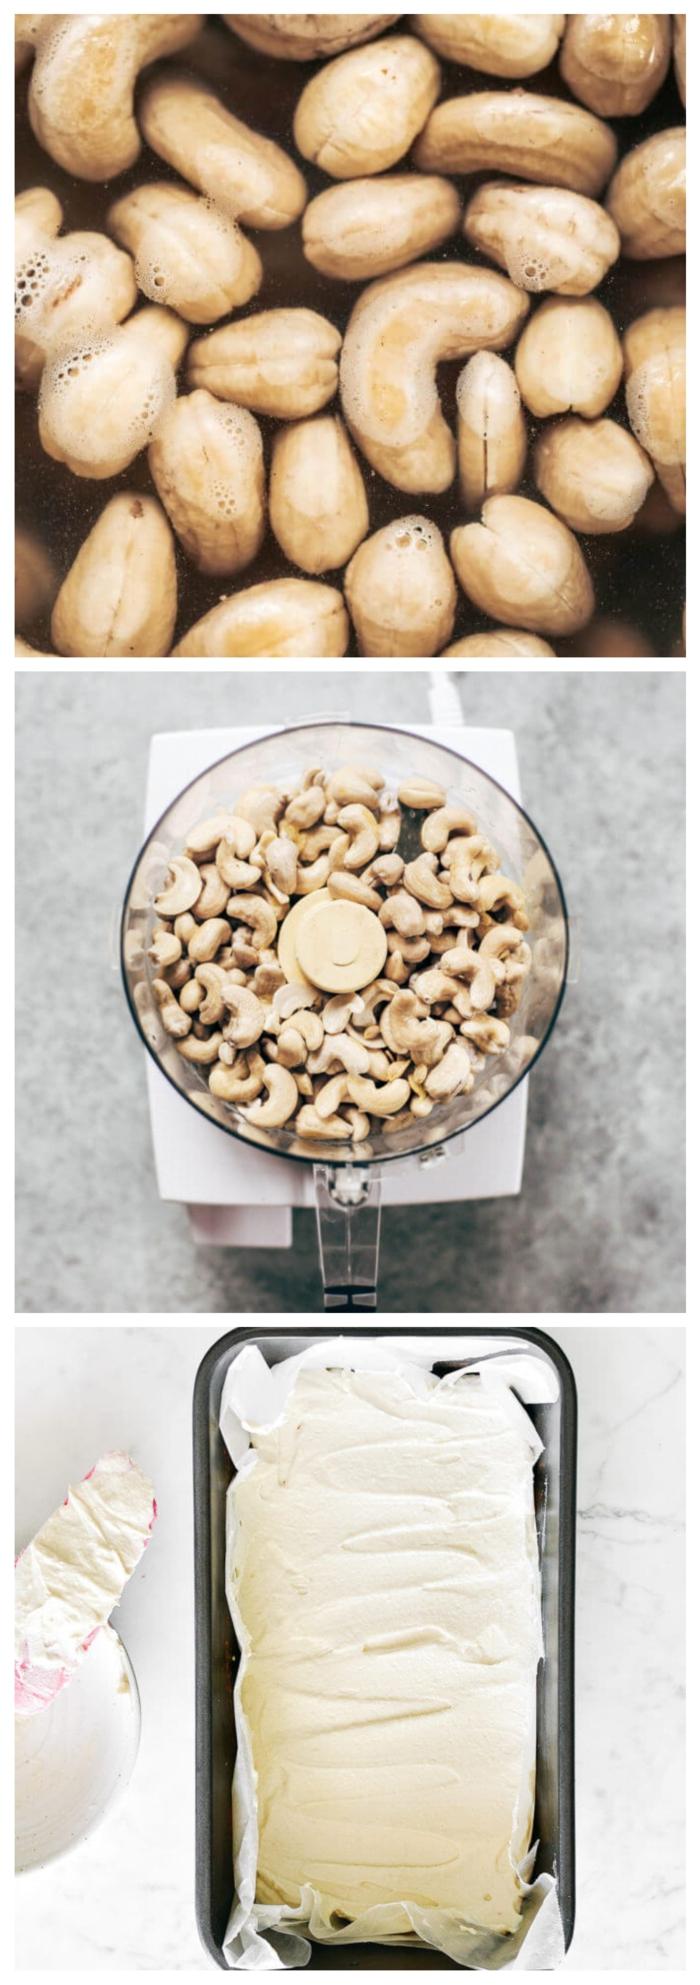 paleo vegetarisch frischkäse selber machen vegan und gesund rezept mit cashews kochen ideen